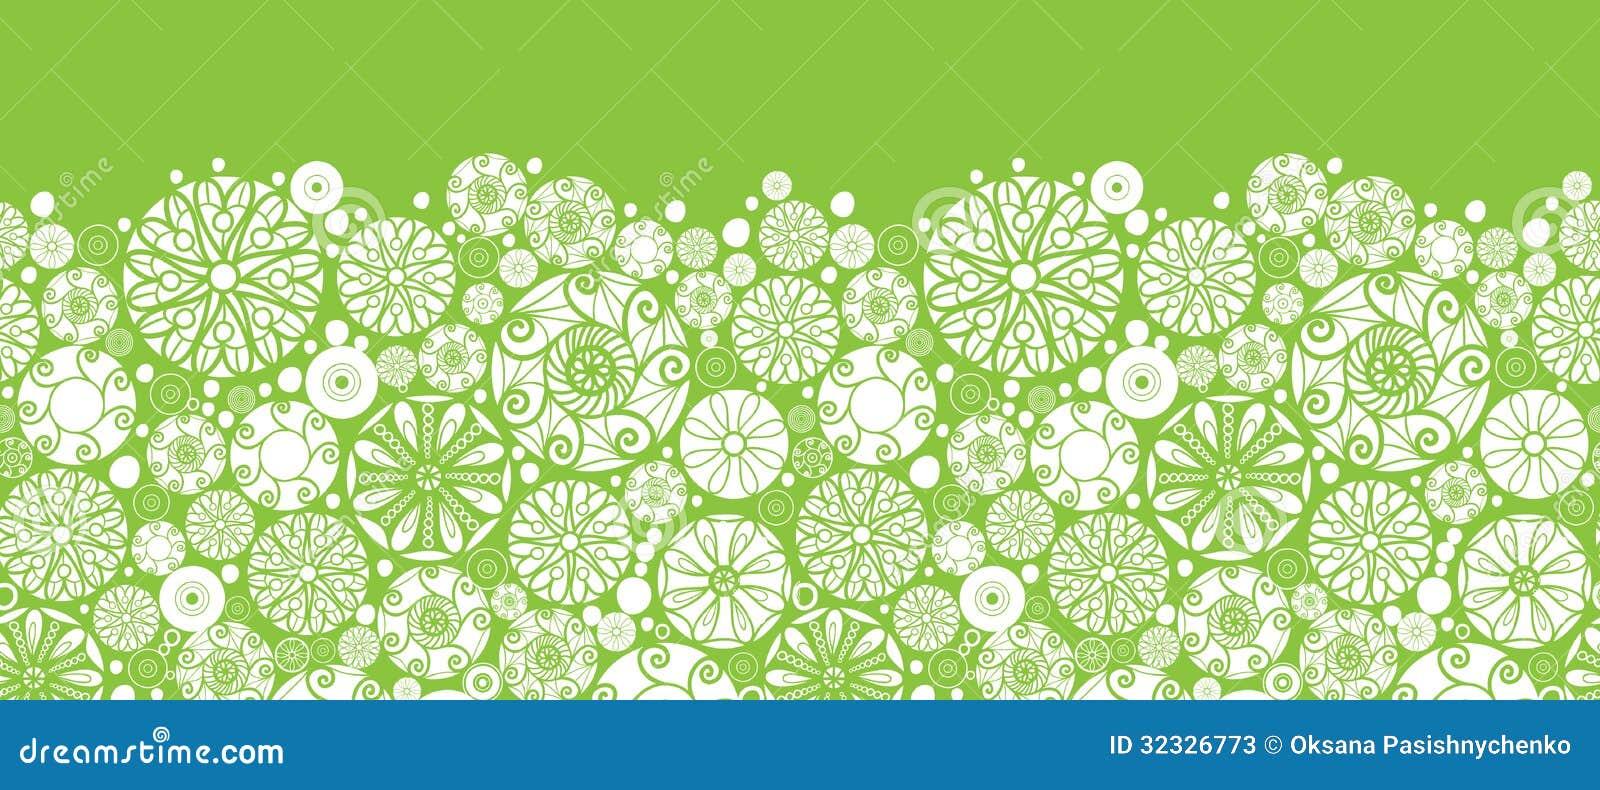 Abstract Green And White Circles Horizontal